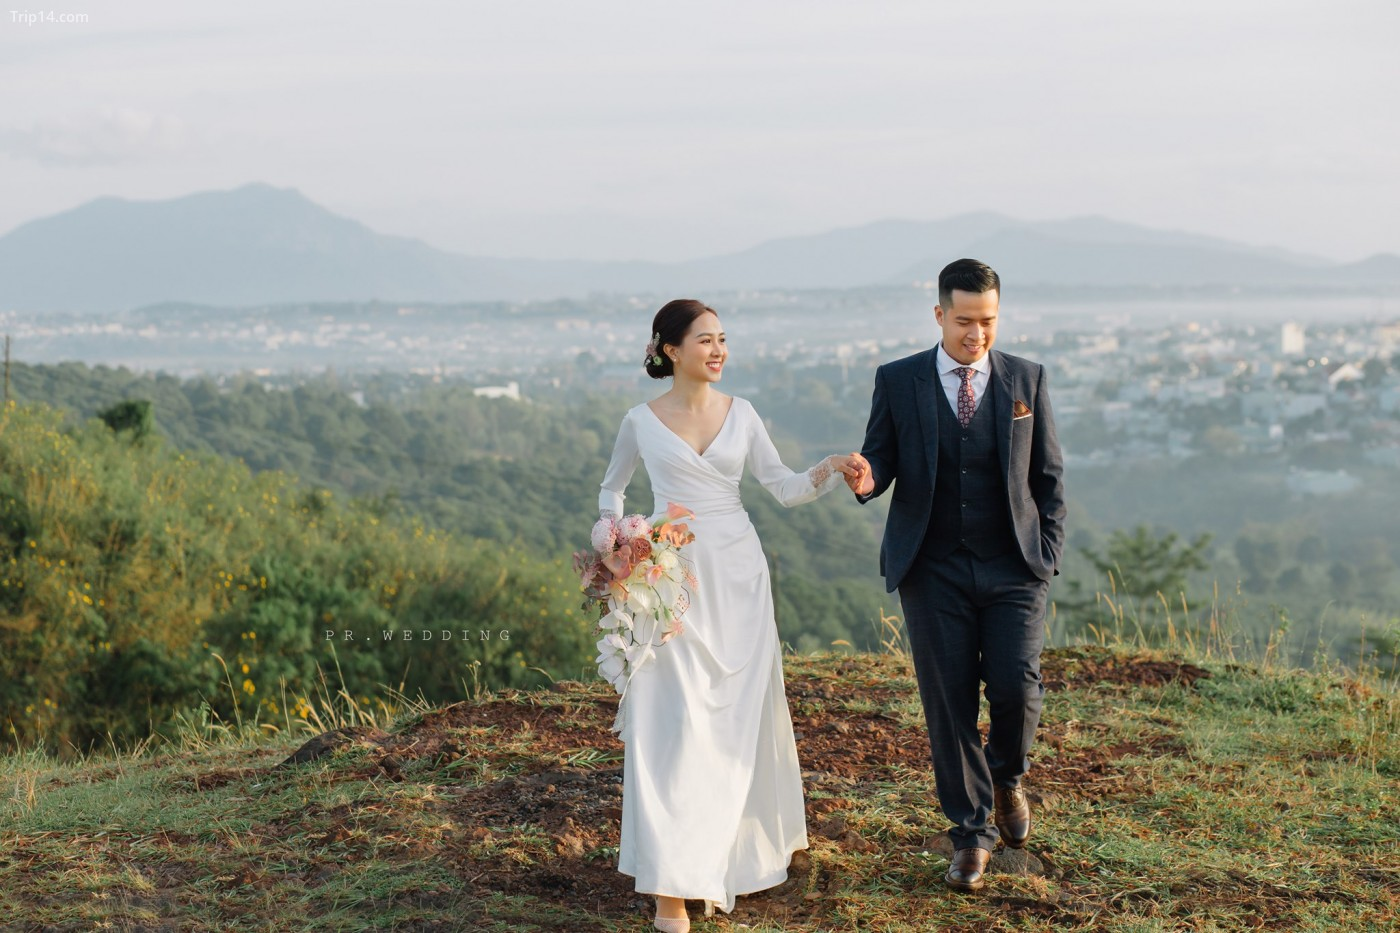 Khung cảnh Gia Lai cùng thần thái của cặp đôi giúp tạo nên một bức ảnh hoàn hảo